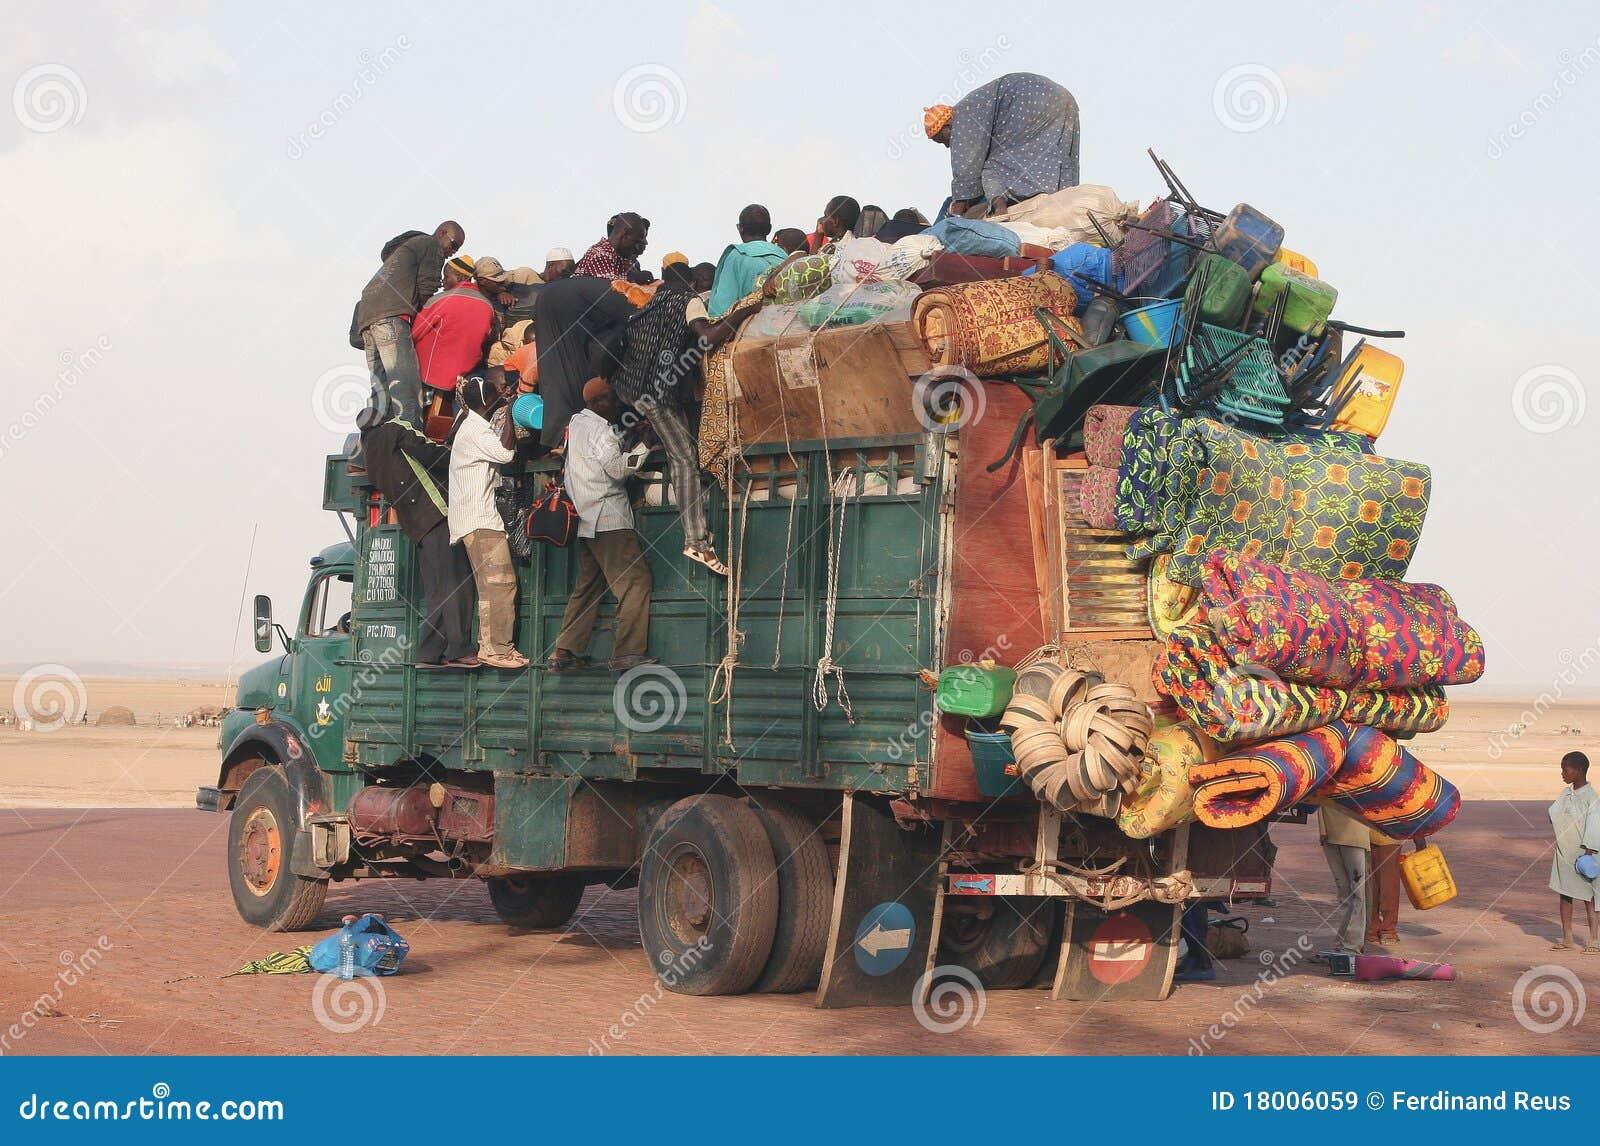 Vervoer in Afrika